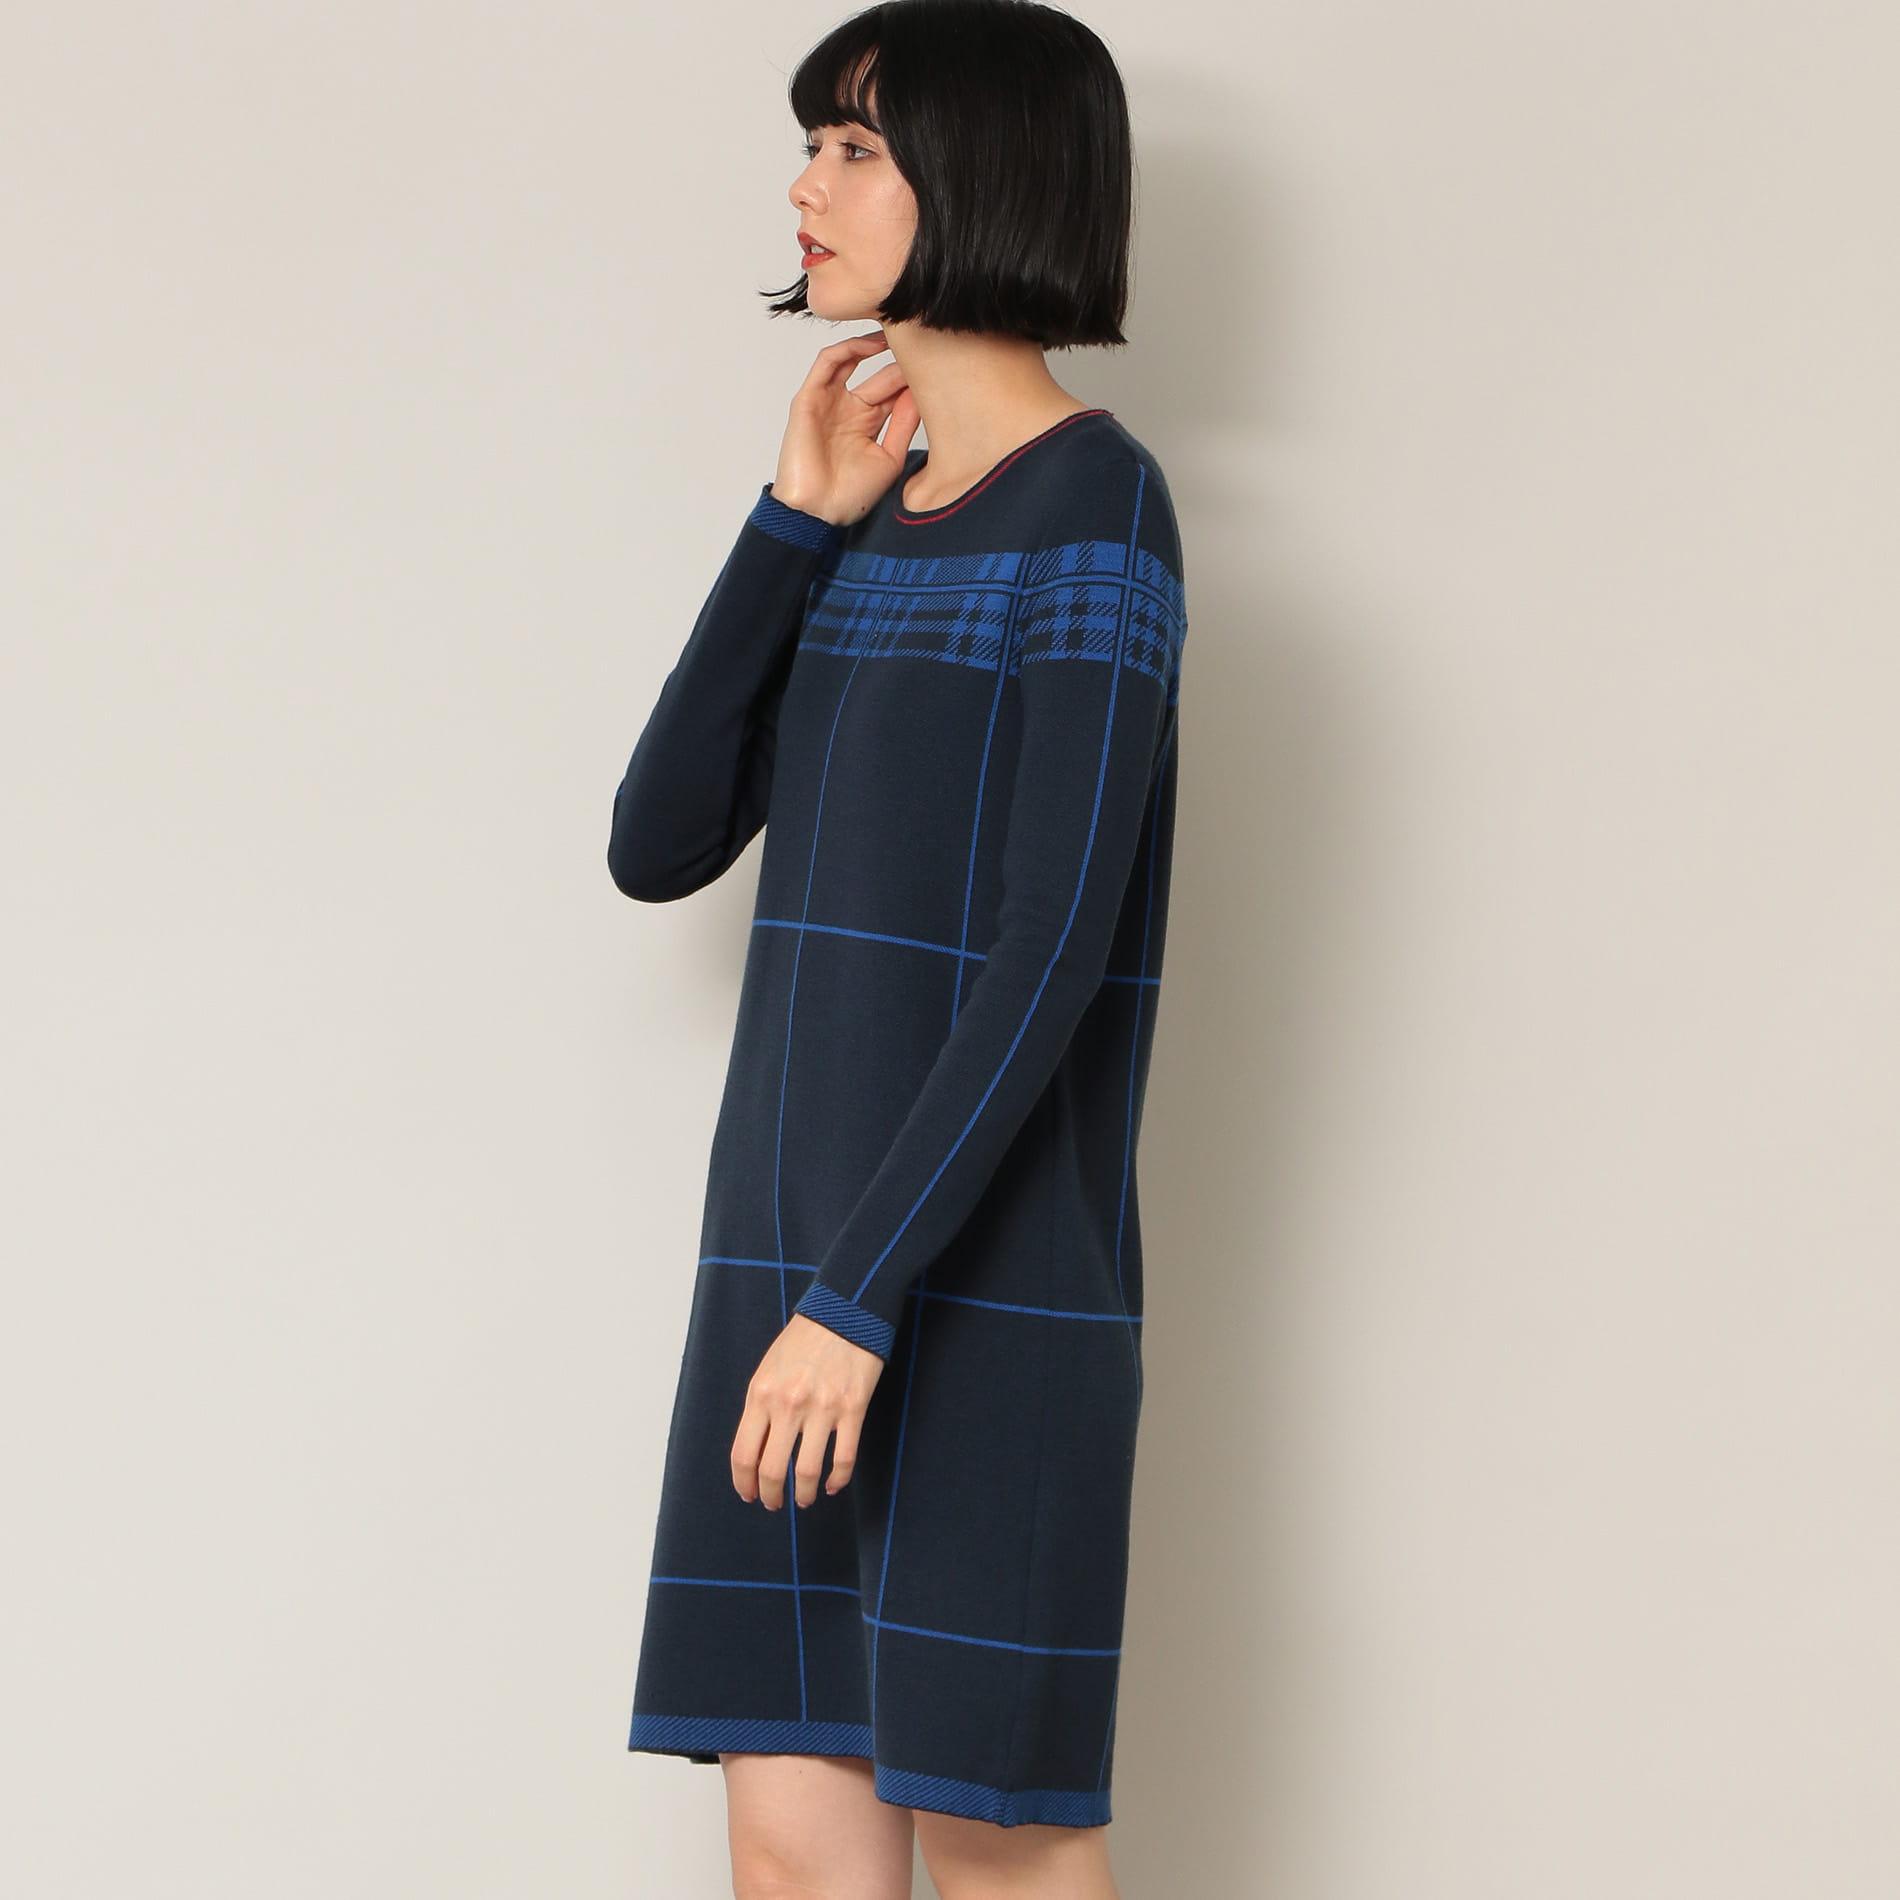 【DEVERNOIS】ネイビーニットドレス